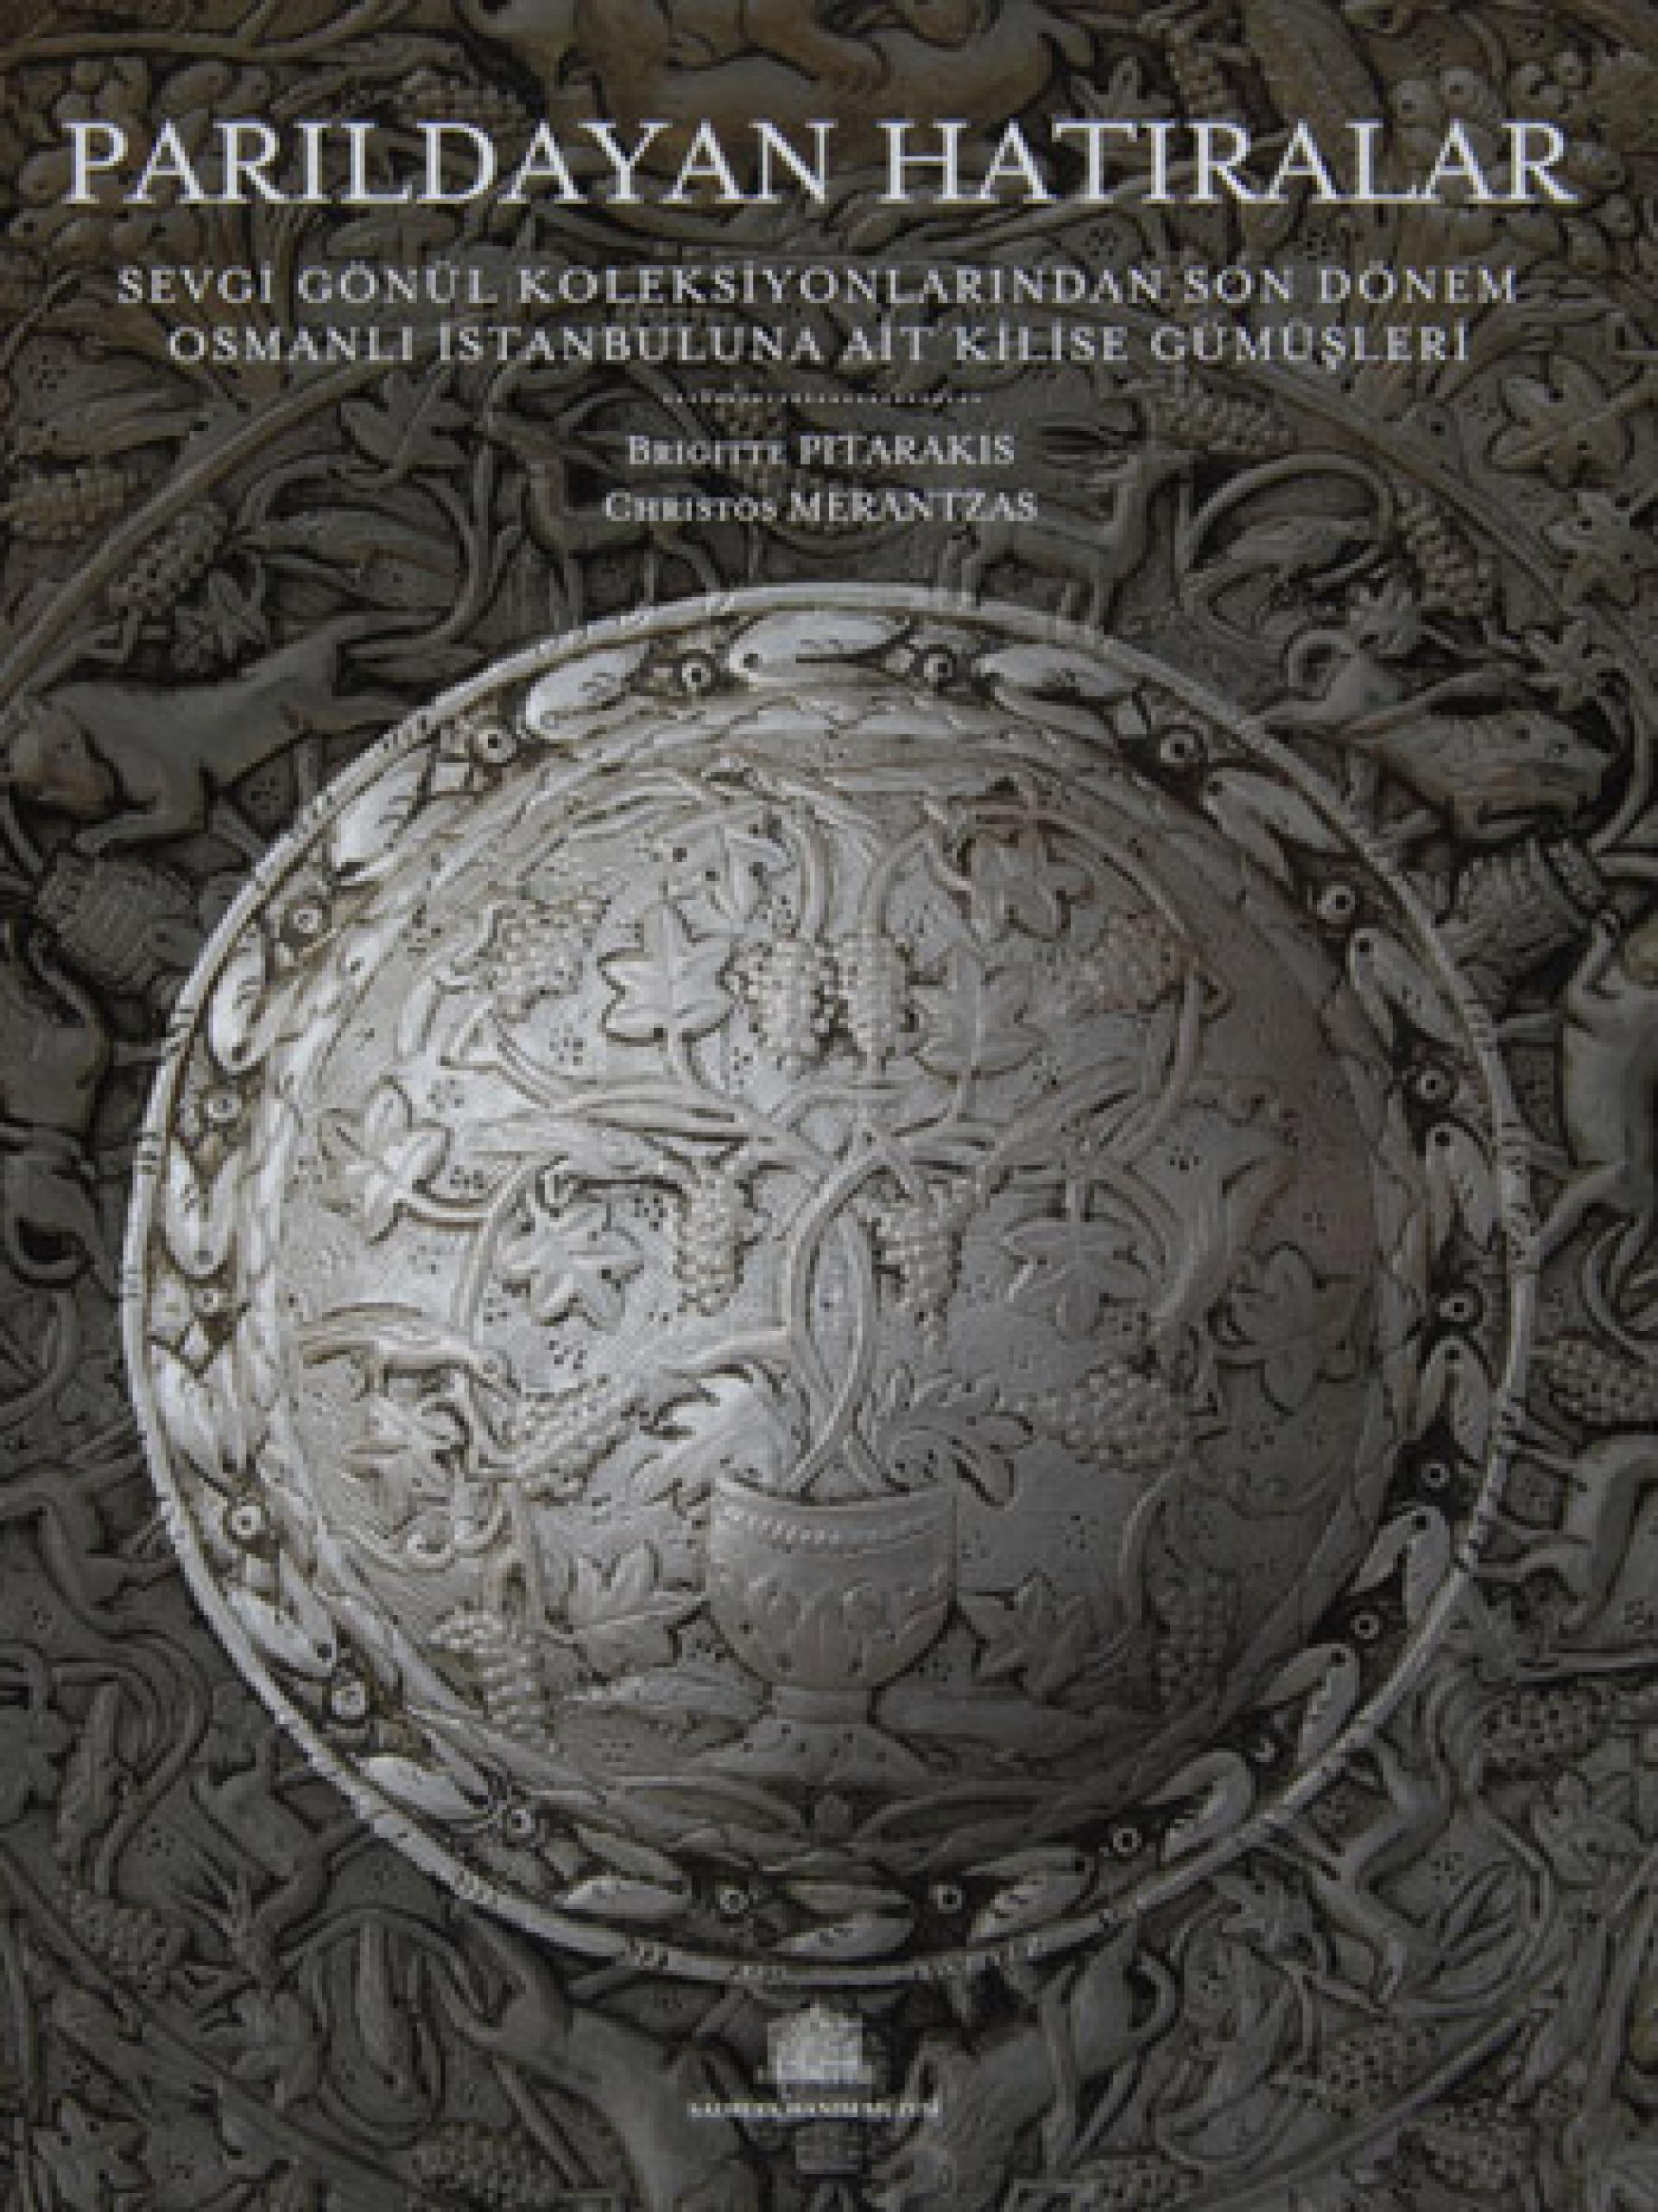 Parıldayan Hatıralar - Sevgi Gönül Koleksiyonlarından Son Dönem Osmanlı İstanbuluna Ait Kilise Gümüşleri - BOOKS - Sadberk Hanım Museum